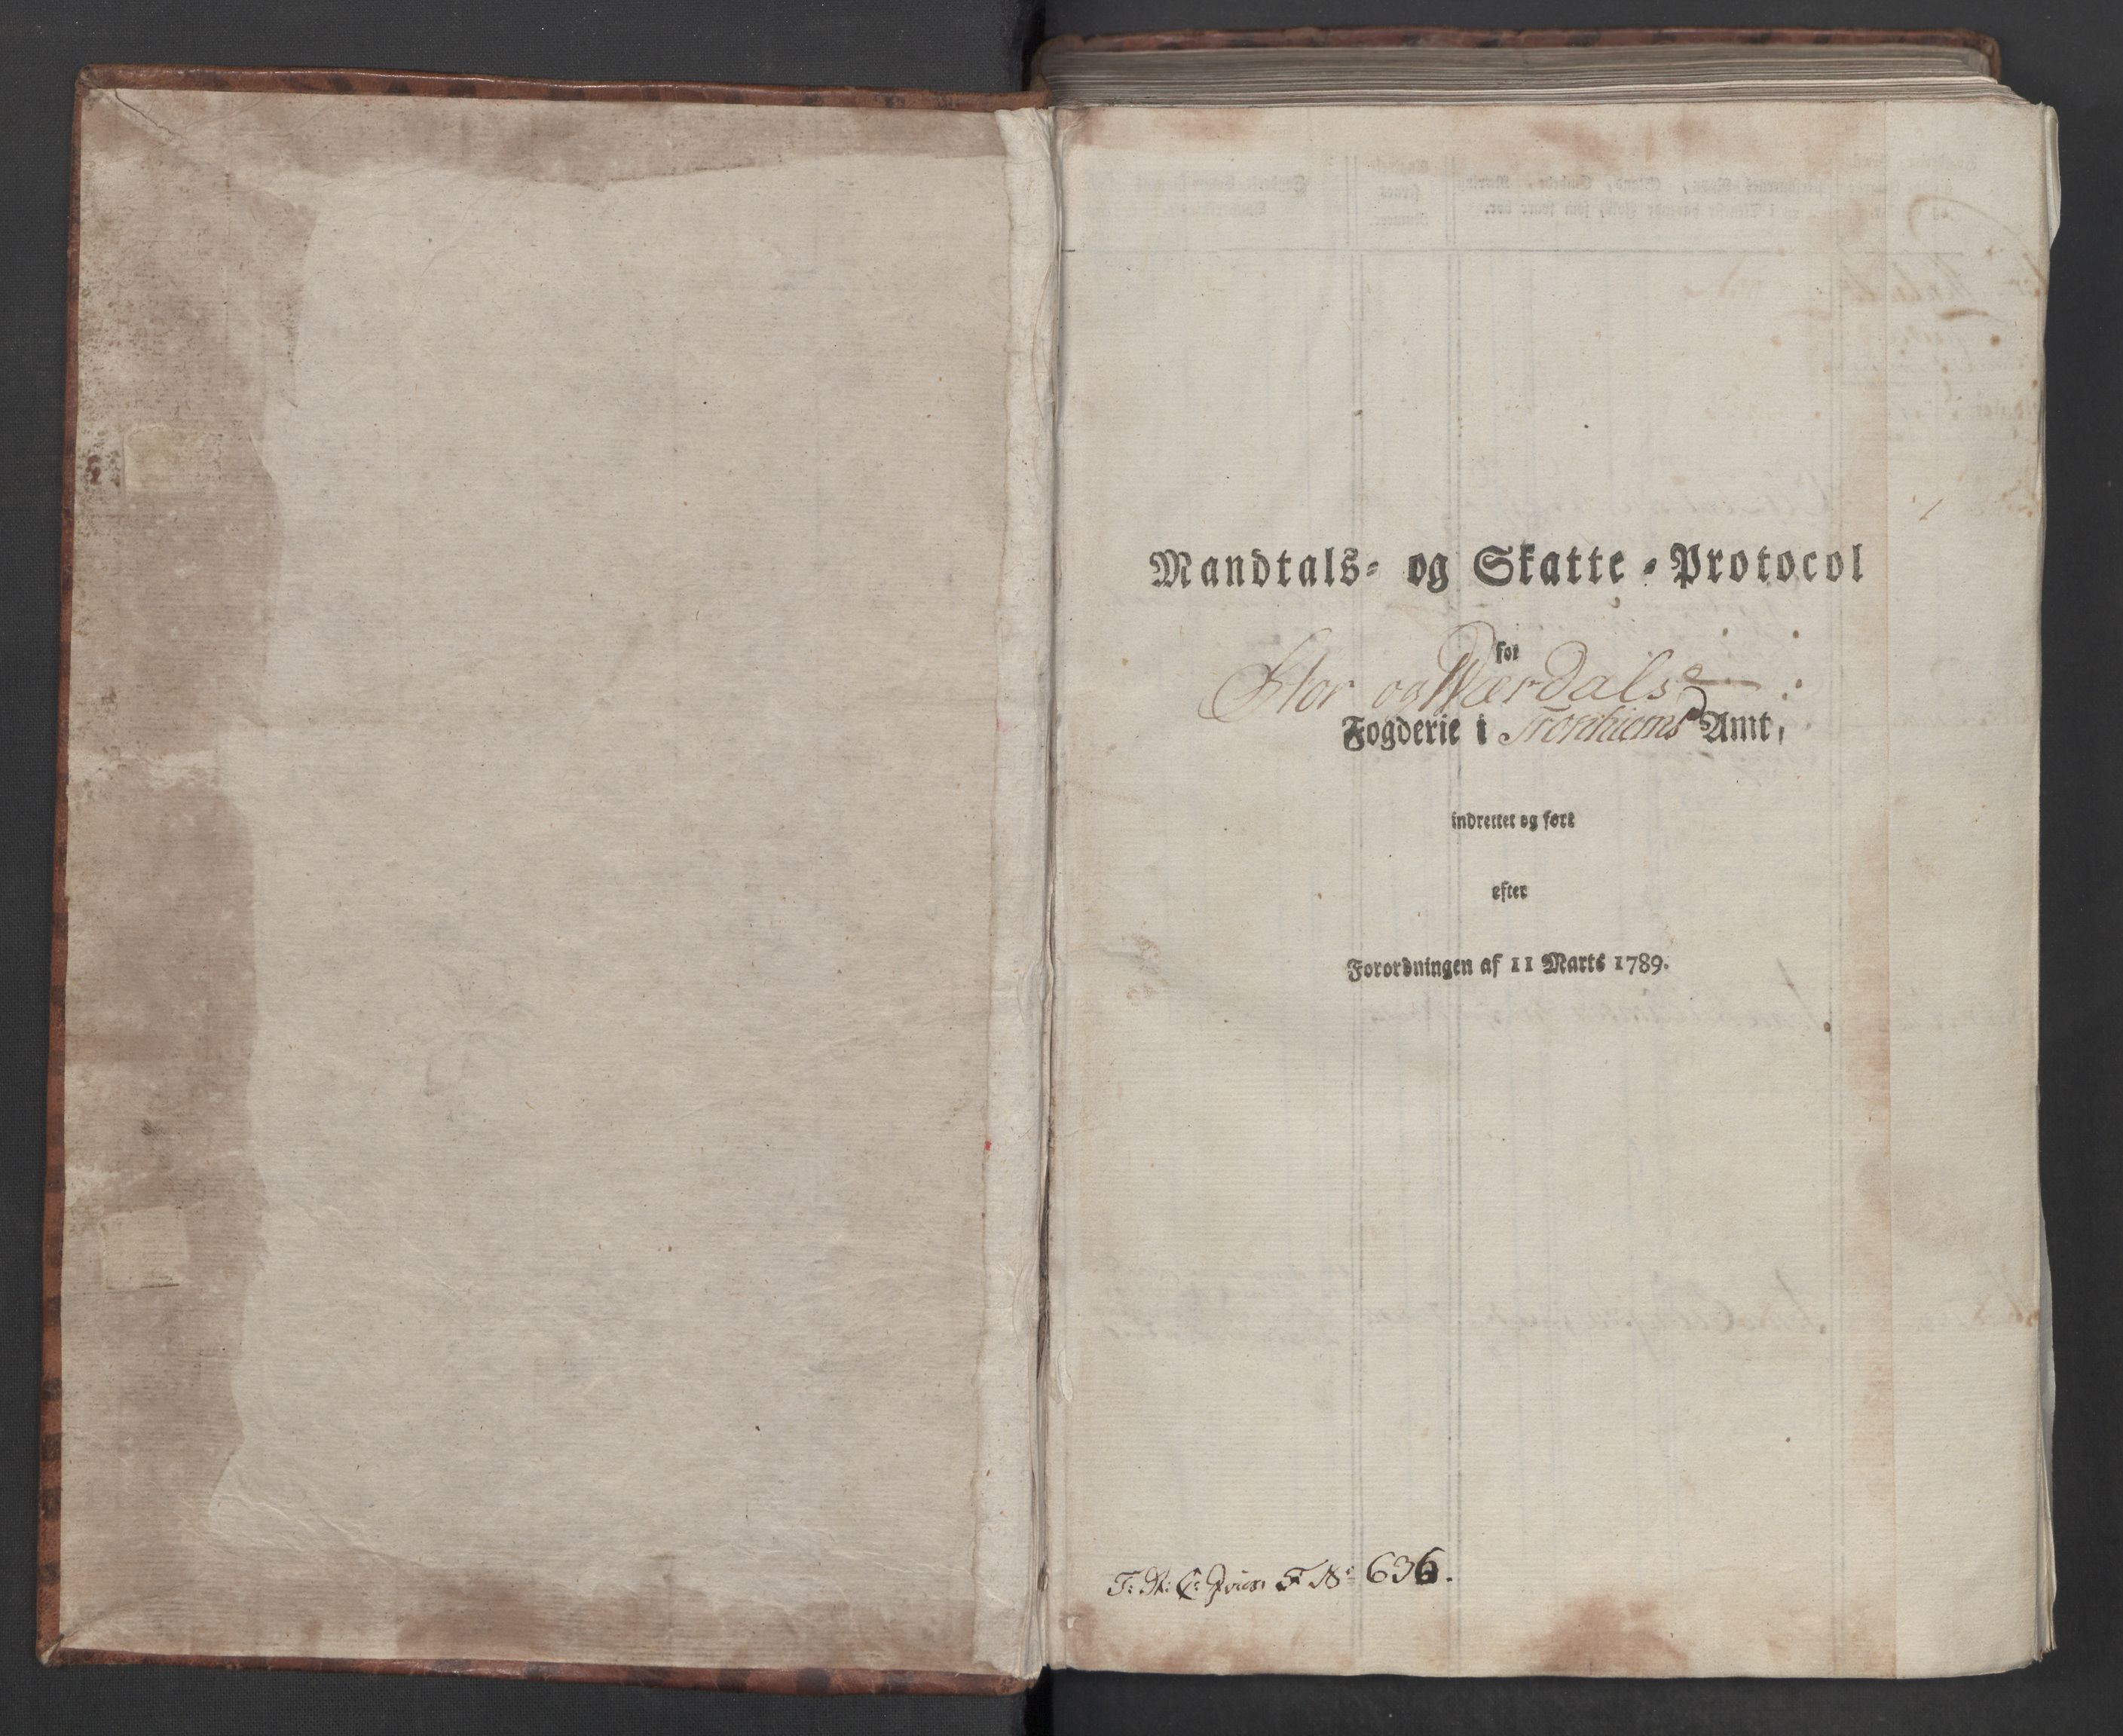 RA, Rentekammeret inntil 1814, Reviderte regnskaper, Mindre regnskaper, Rf/Rfe/L0046: Stjørdal og Verdal fogderi, 1789, s. 4